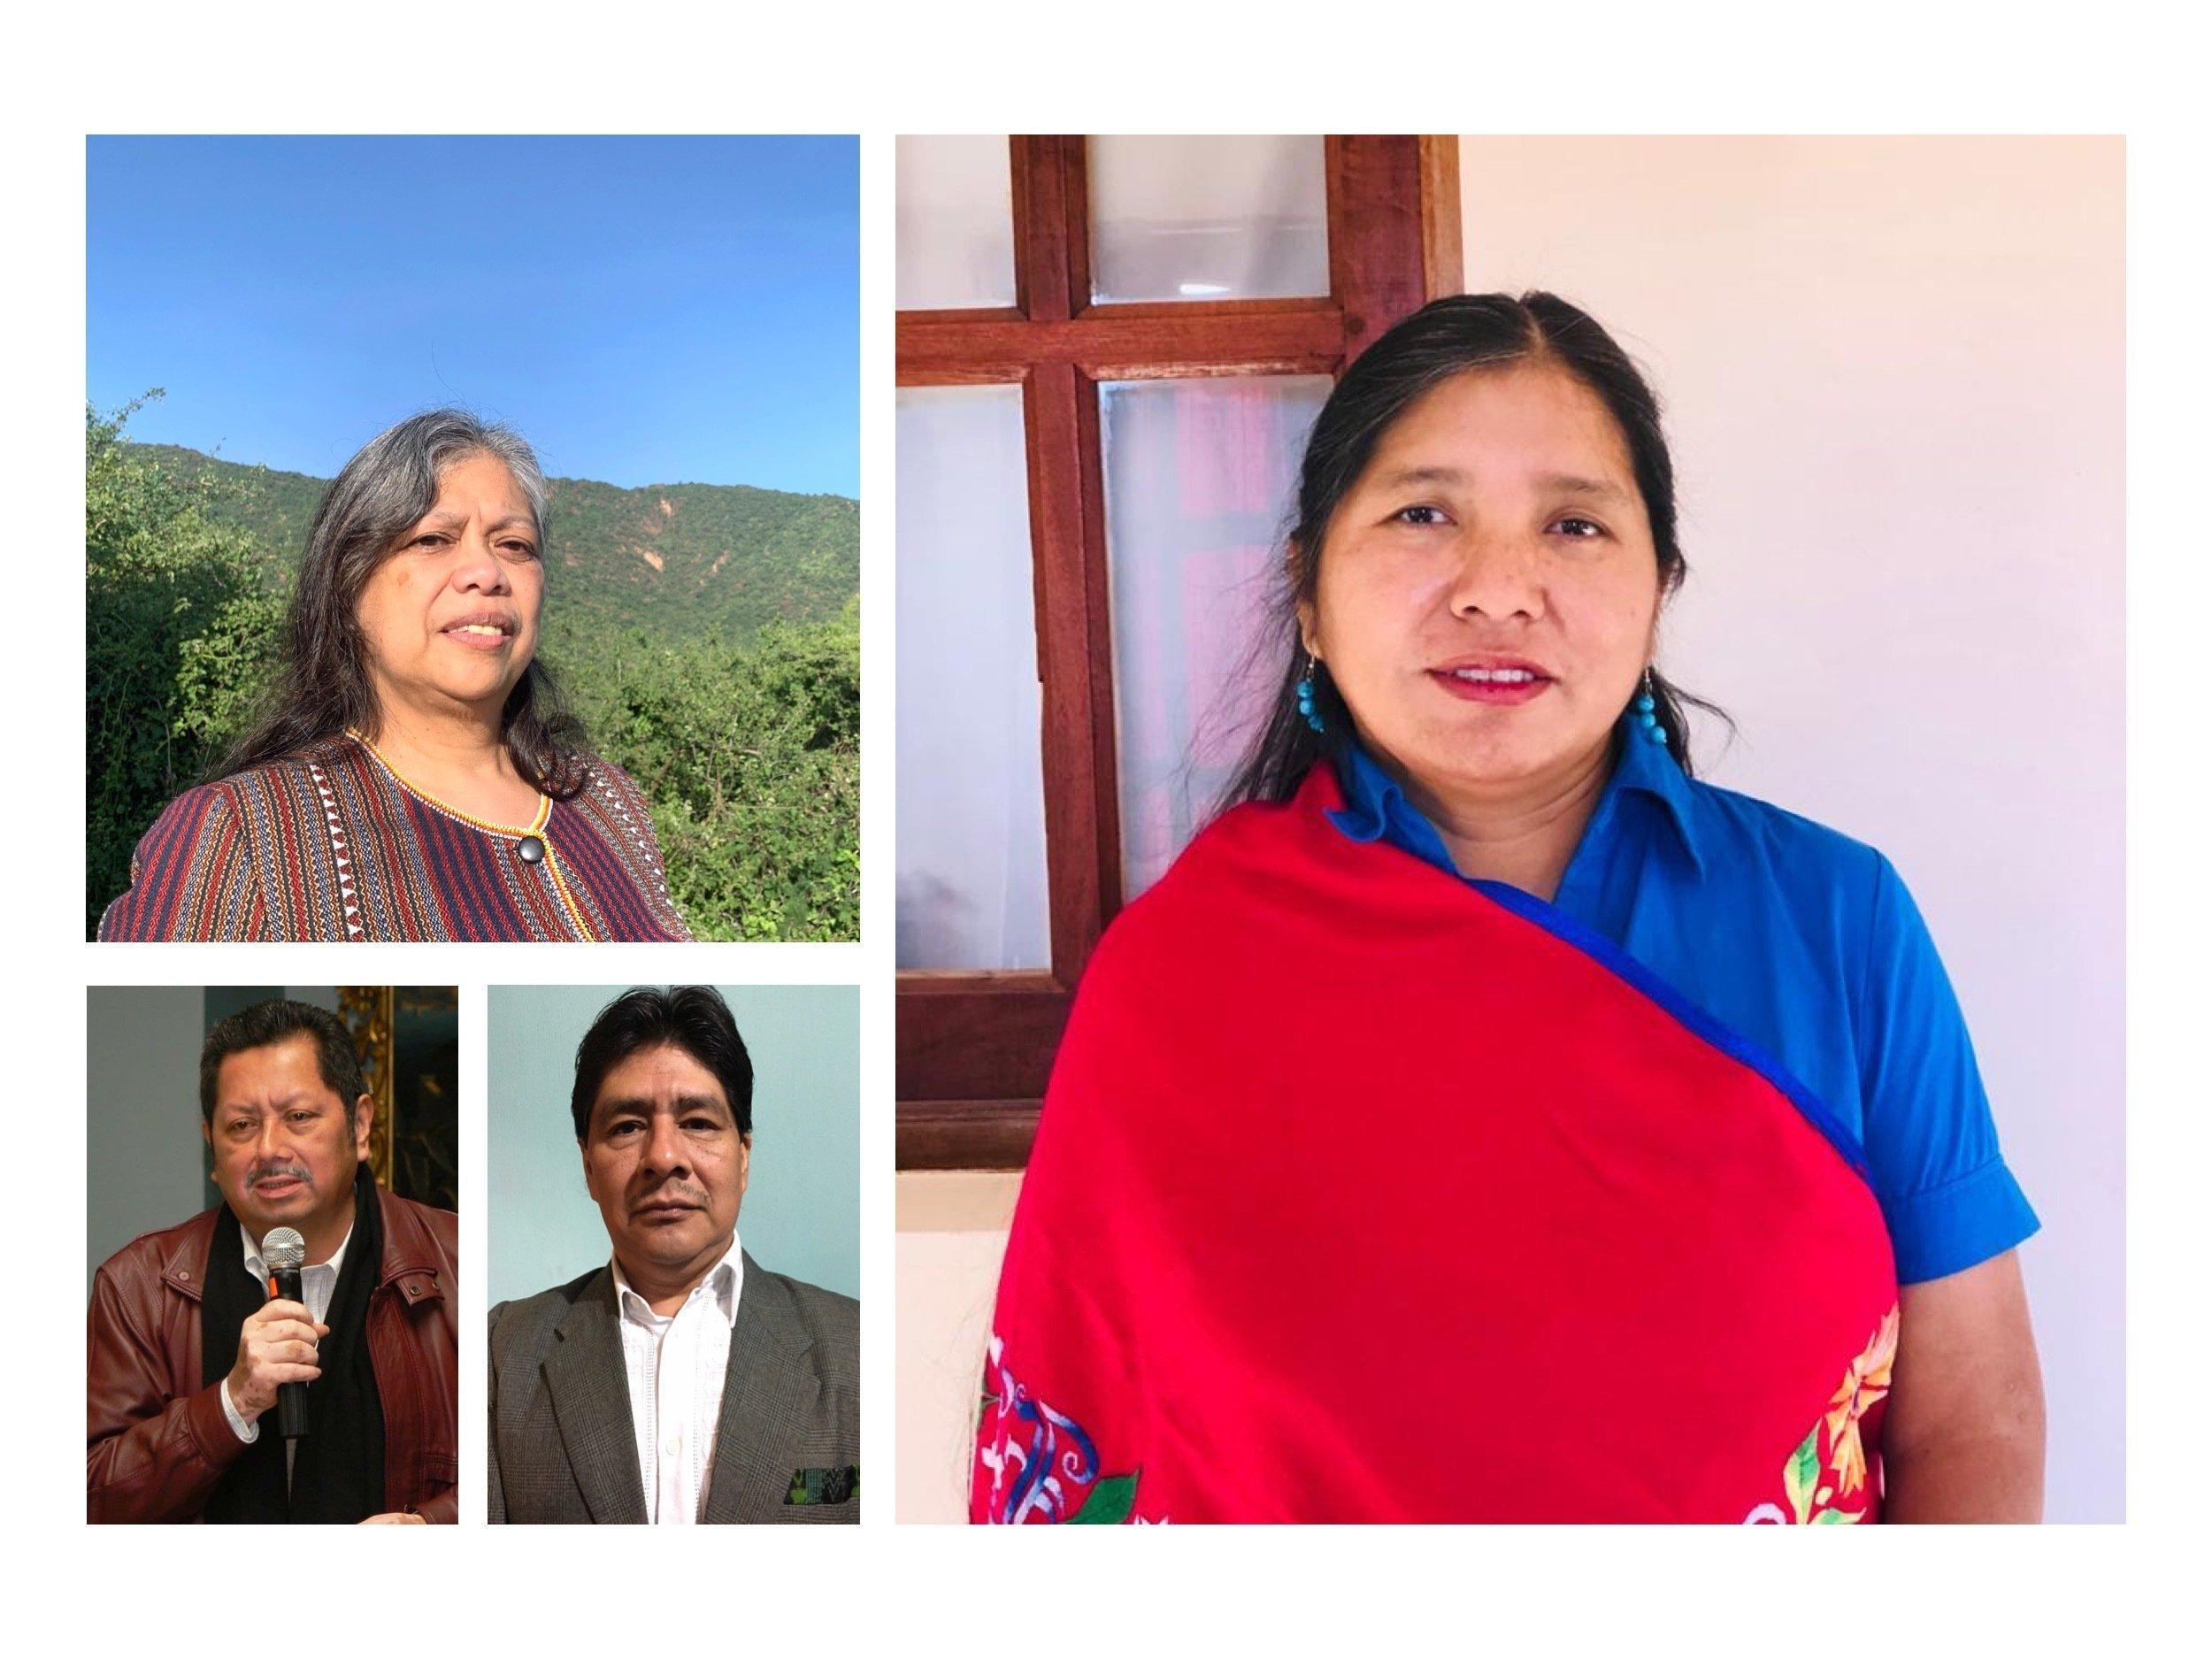 Vier indigene Interessensvertreter, Joji Cariño von den Philippinen, Viviana Figueroa aus Argentinien, Ramiro Batzin aus Guatemala und Donald Rojas aus Costa Rica.